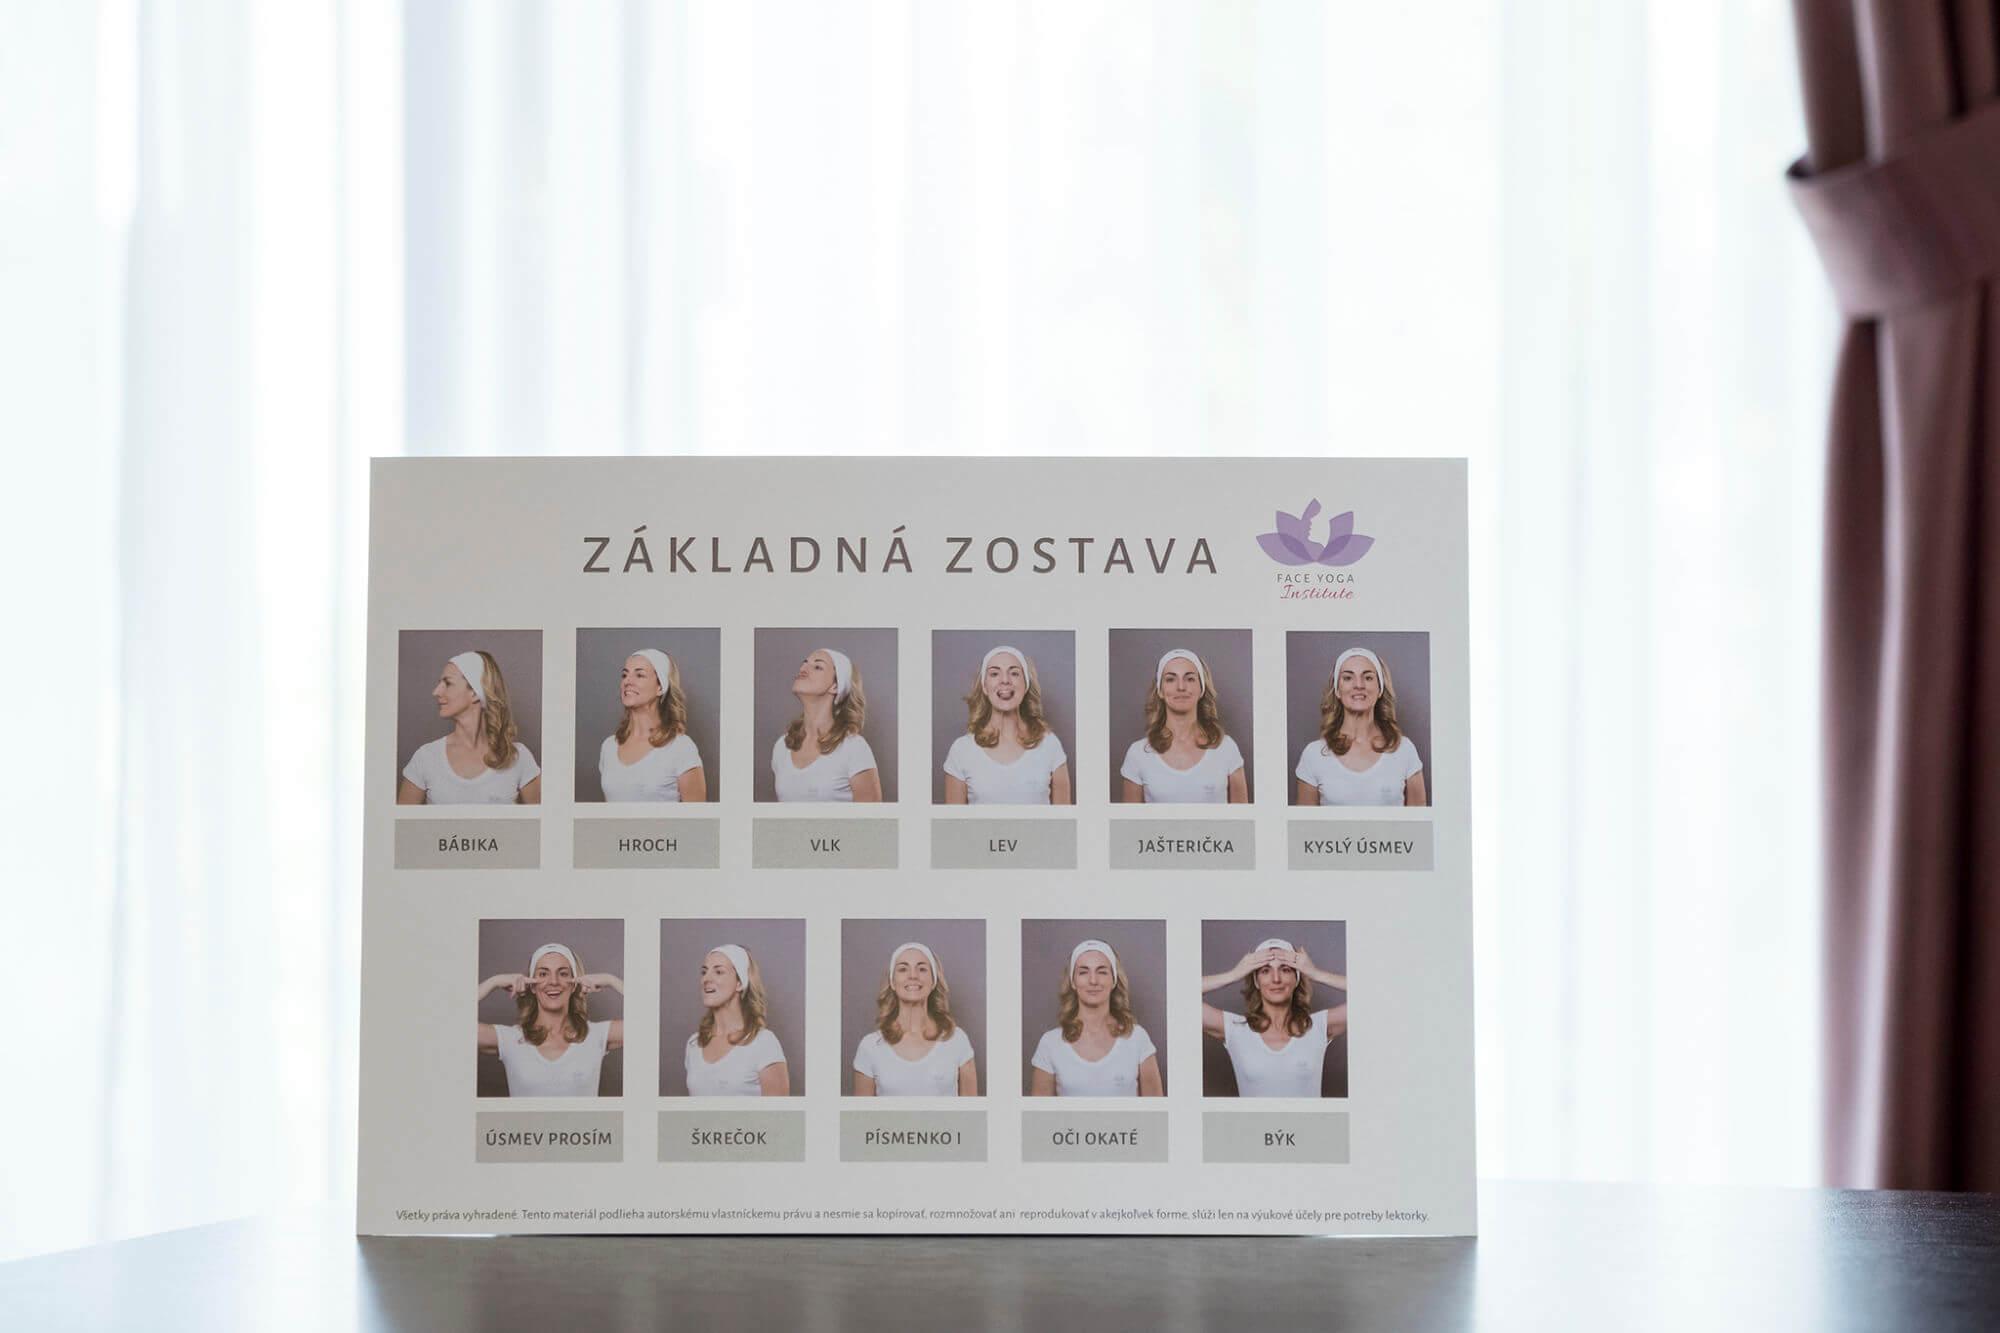 TAHAK-ZAKLADNA-ZOSTAVA-CVIKY-TVAROVA-JOGA